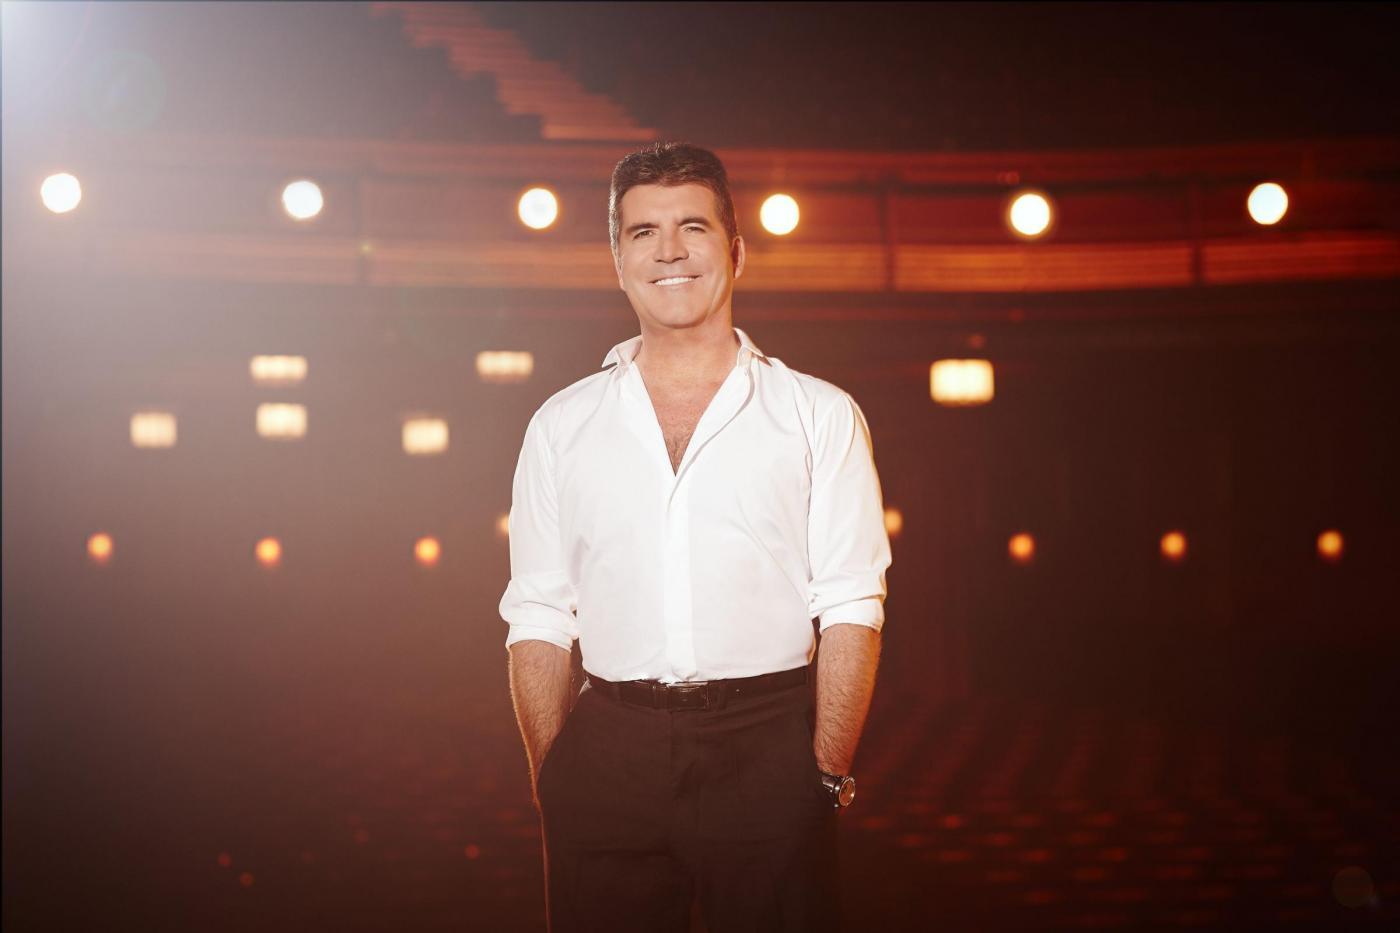 Simon Cowell ferma X Factor per la morte della madre